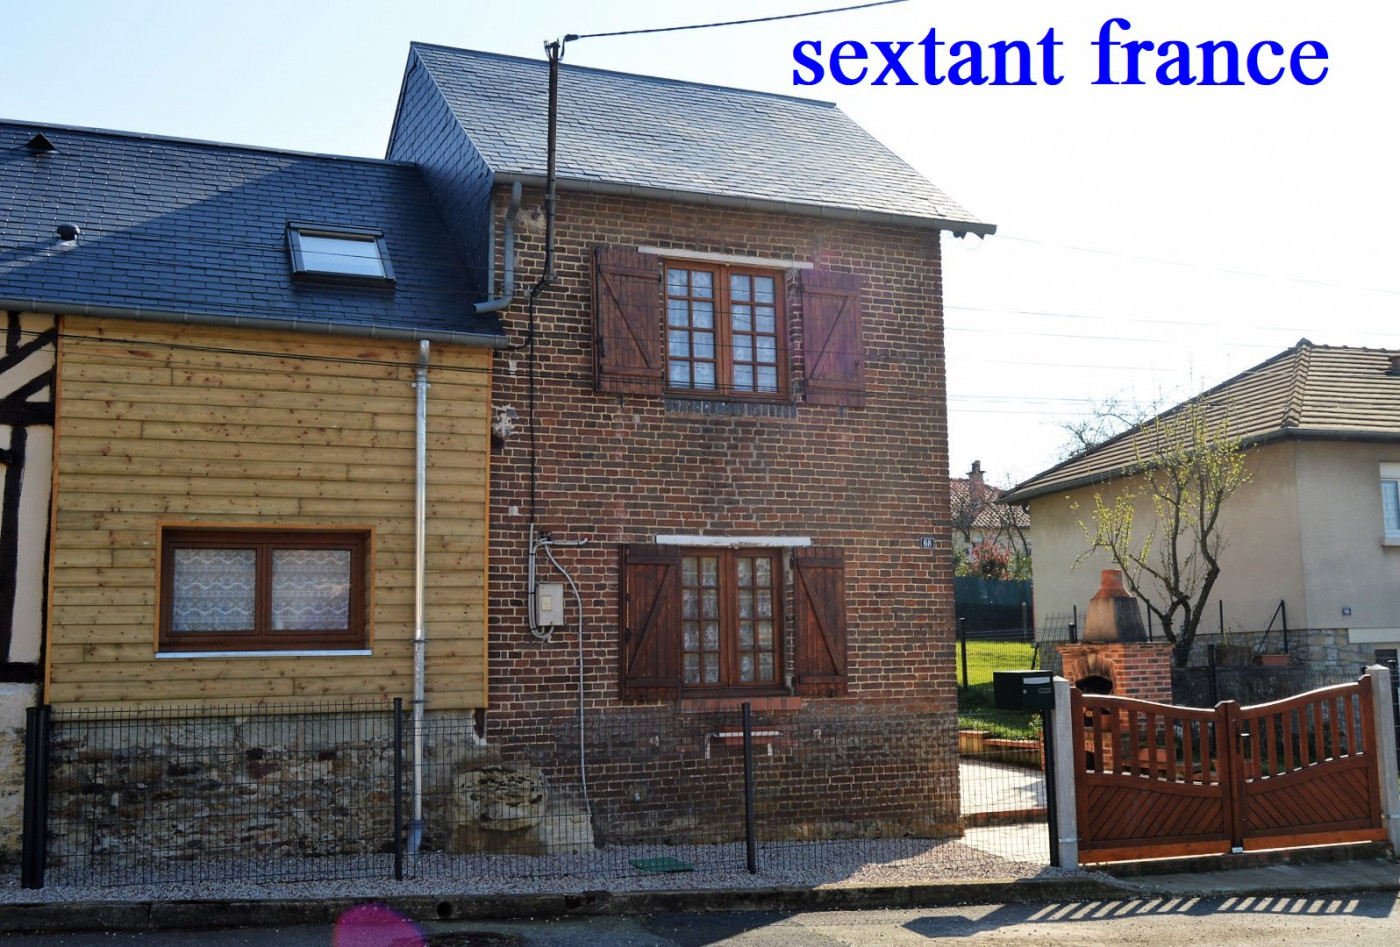 A vendre  Vimoutiers | Réf 7501188961 - Sextant france